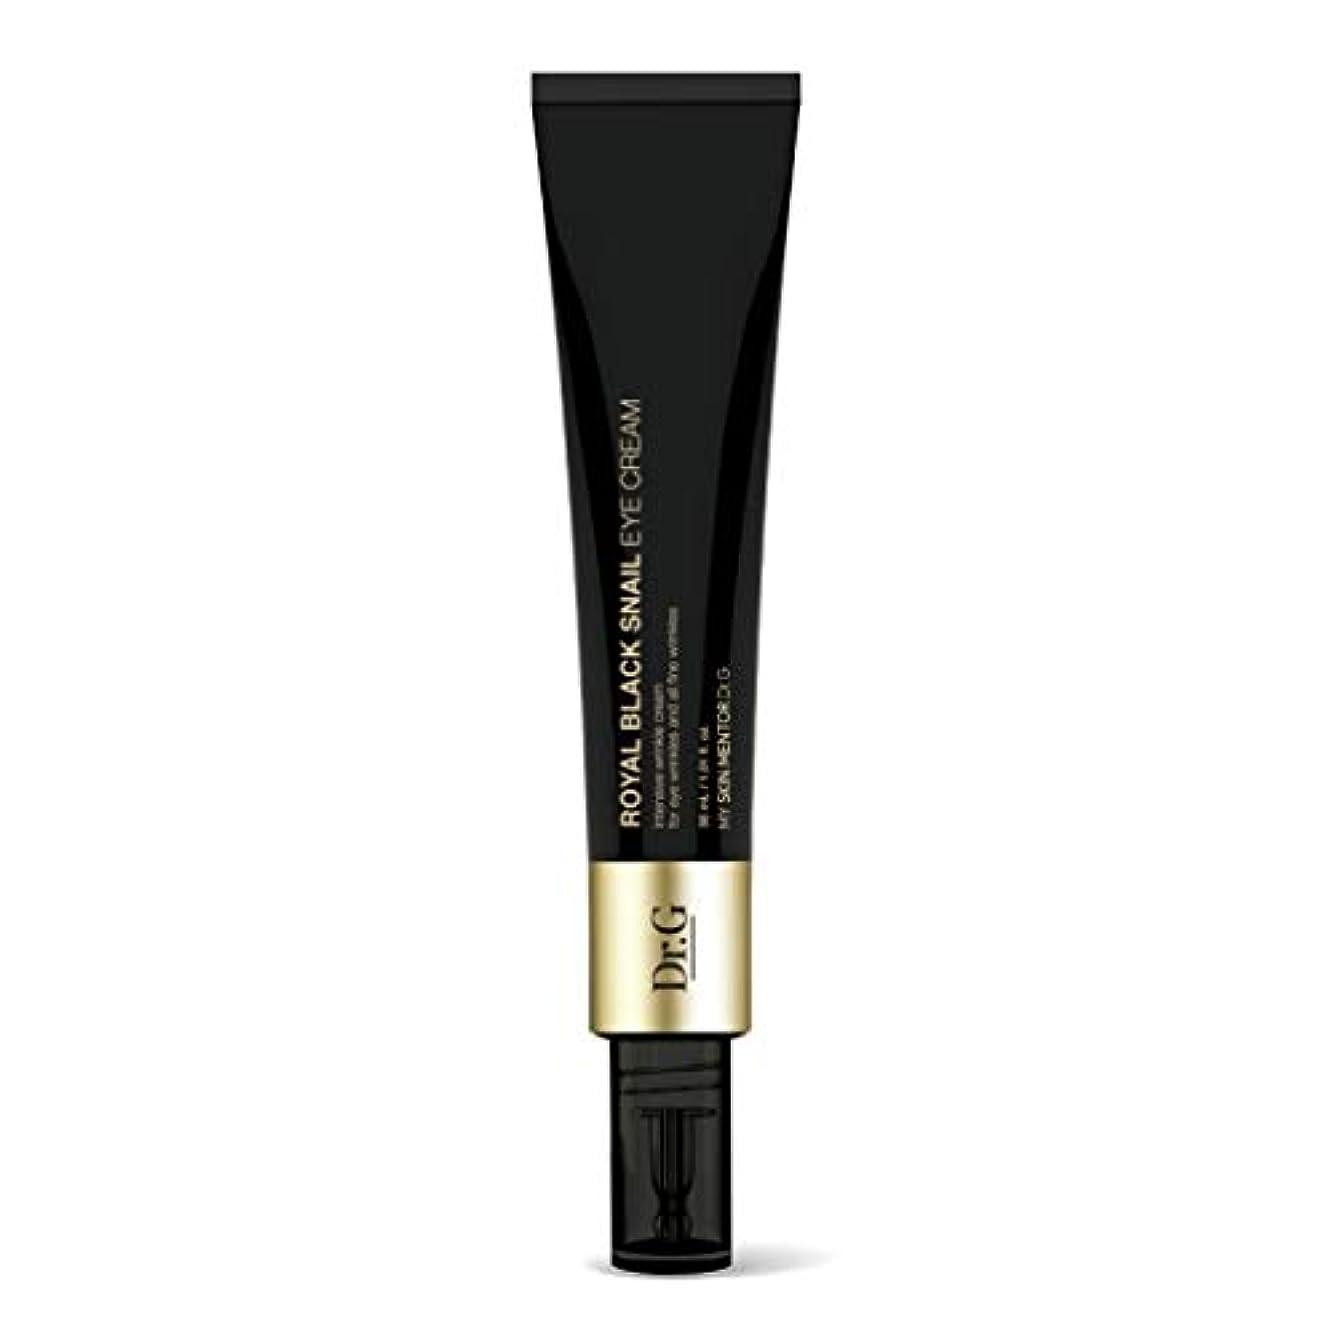 はっきりしない占めるブロッサム[Dr.Gドクタージー] ロイヤルブラックスネイルアイクリーム 30ml / Royal Black Snail Eye Cream